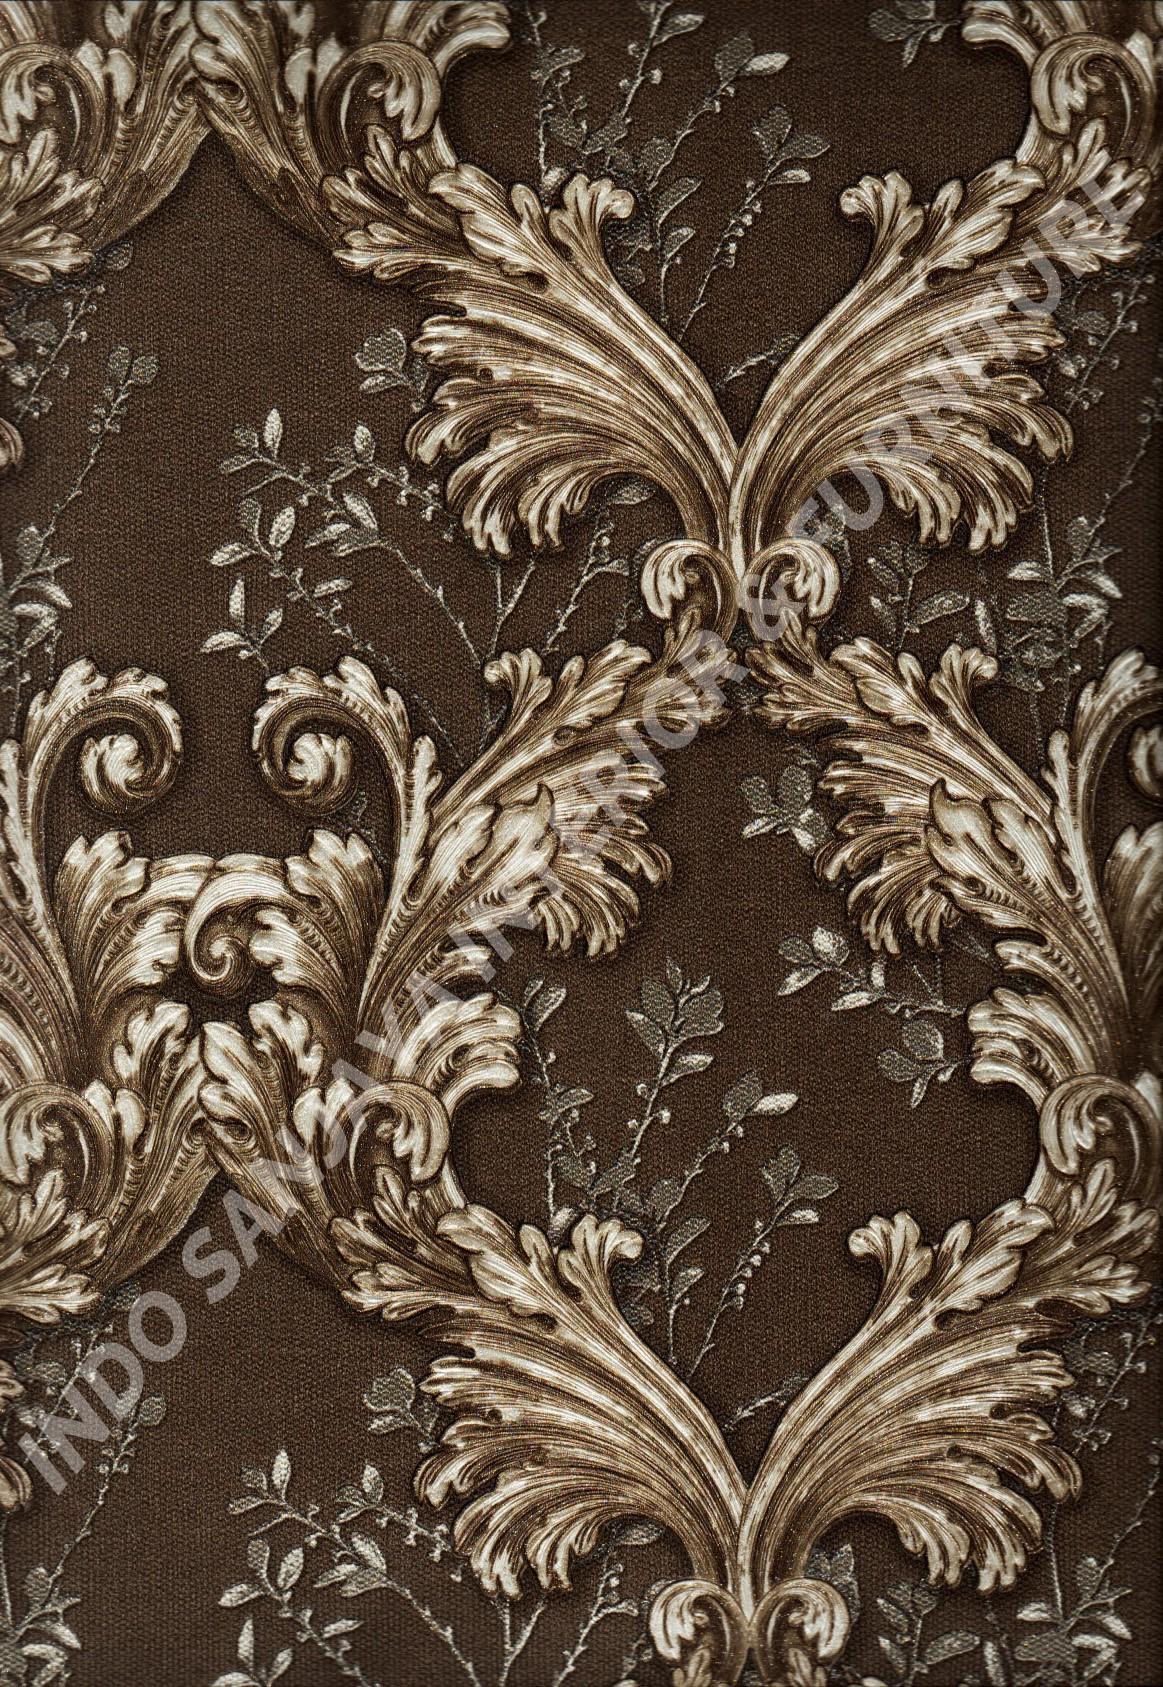 wallpaper   Wallpaper Klasik Batik (Damask) 87025:87025 corak  warna